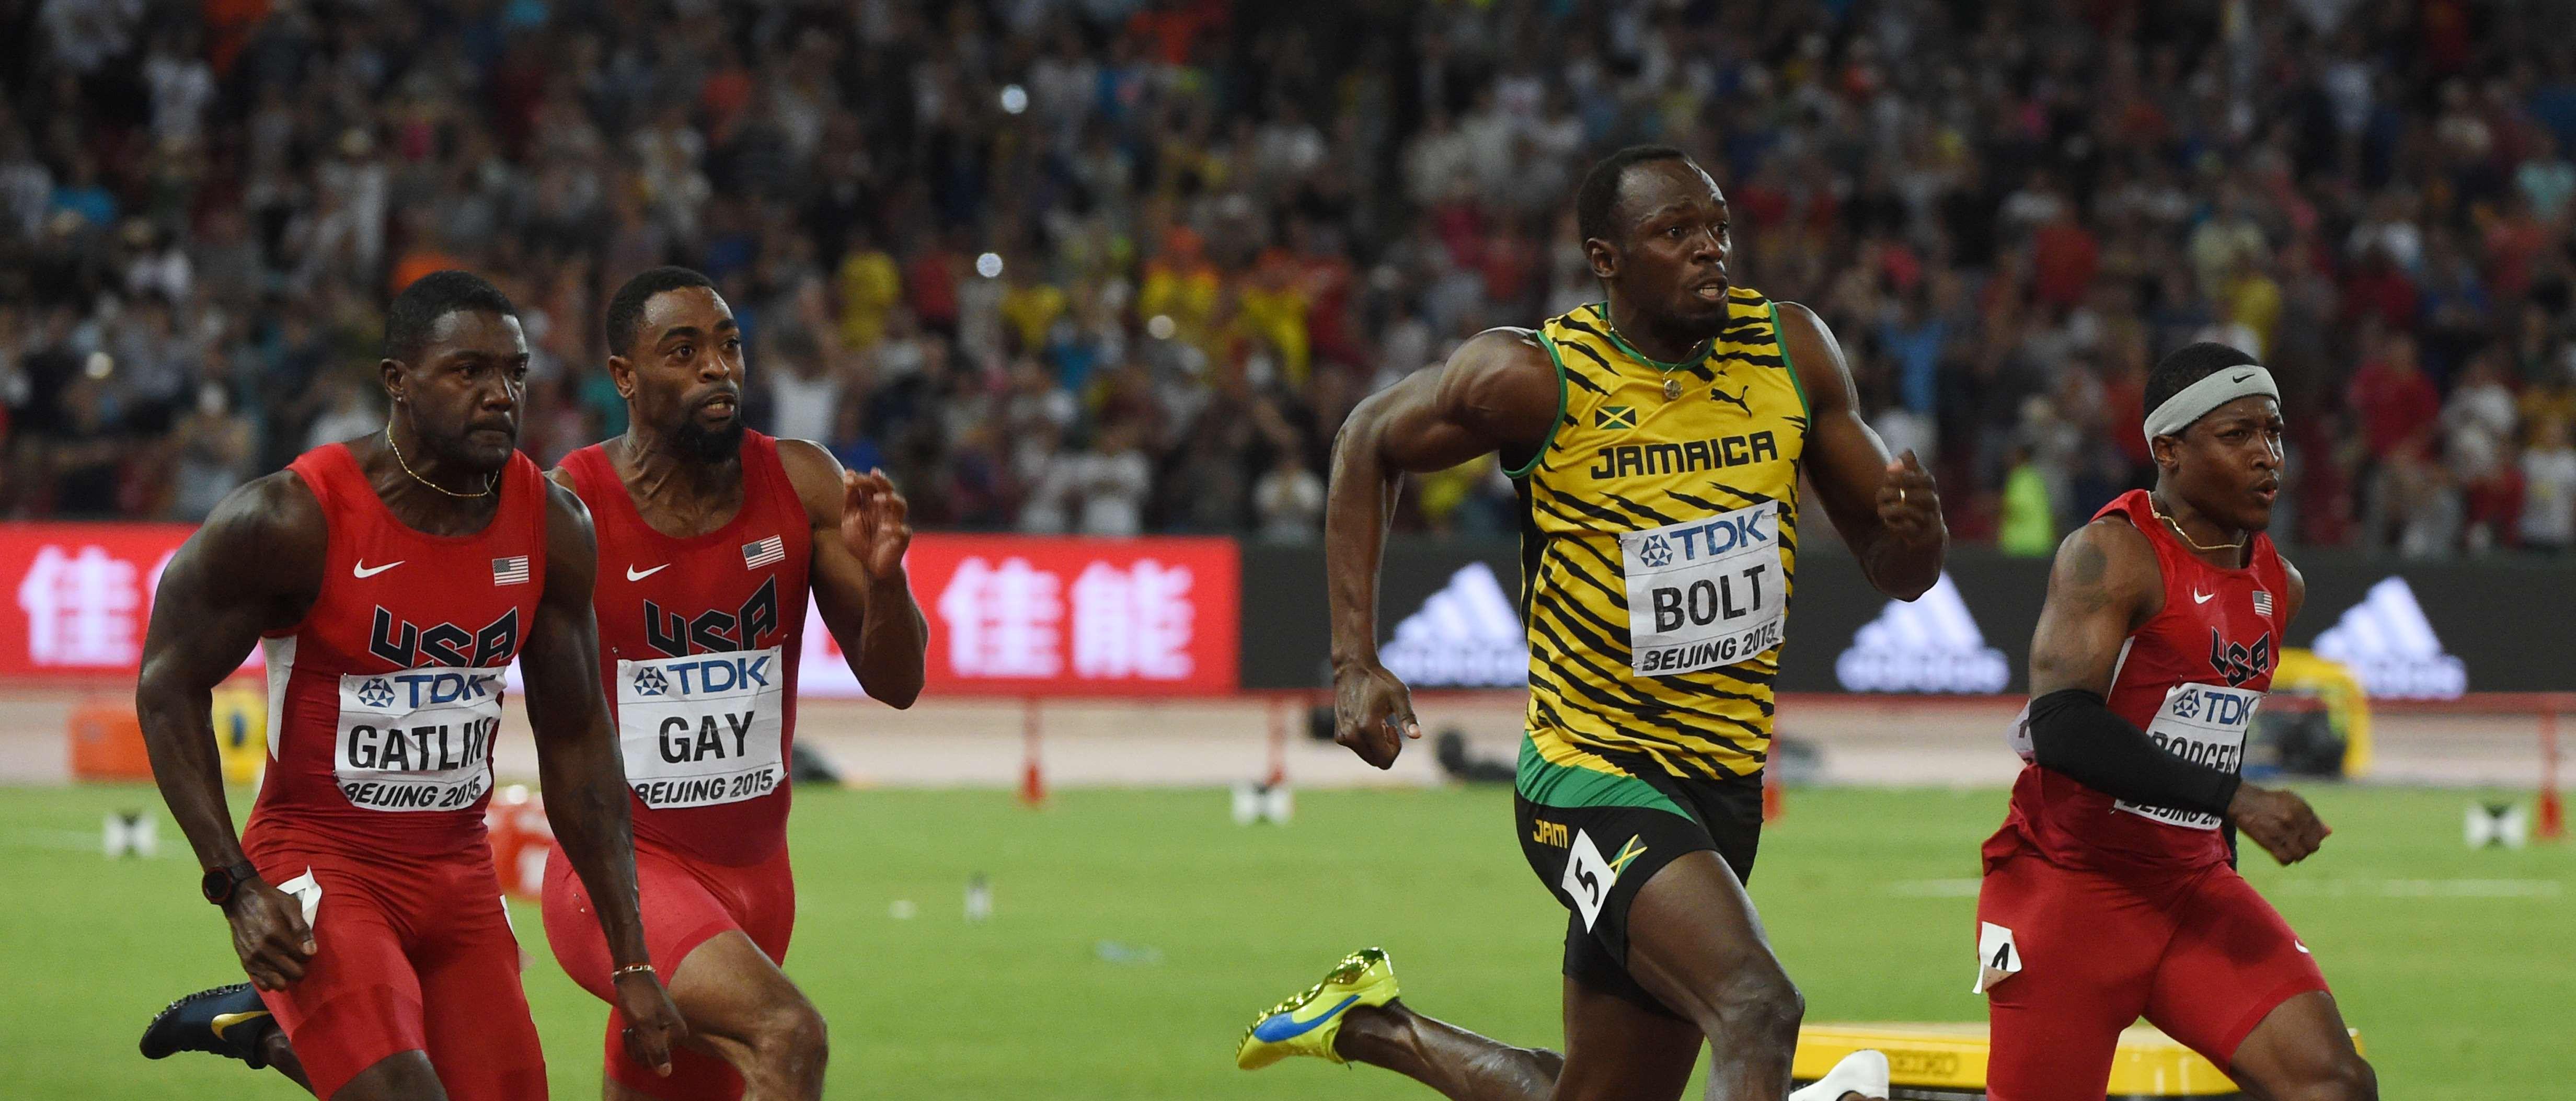 Болт најбрз во трката на 100 метри на Светското првенство во Пекинг